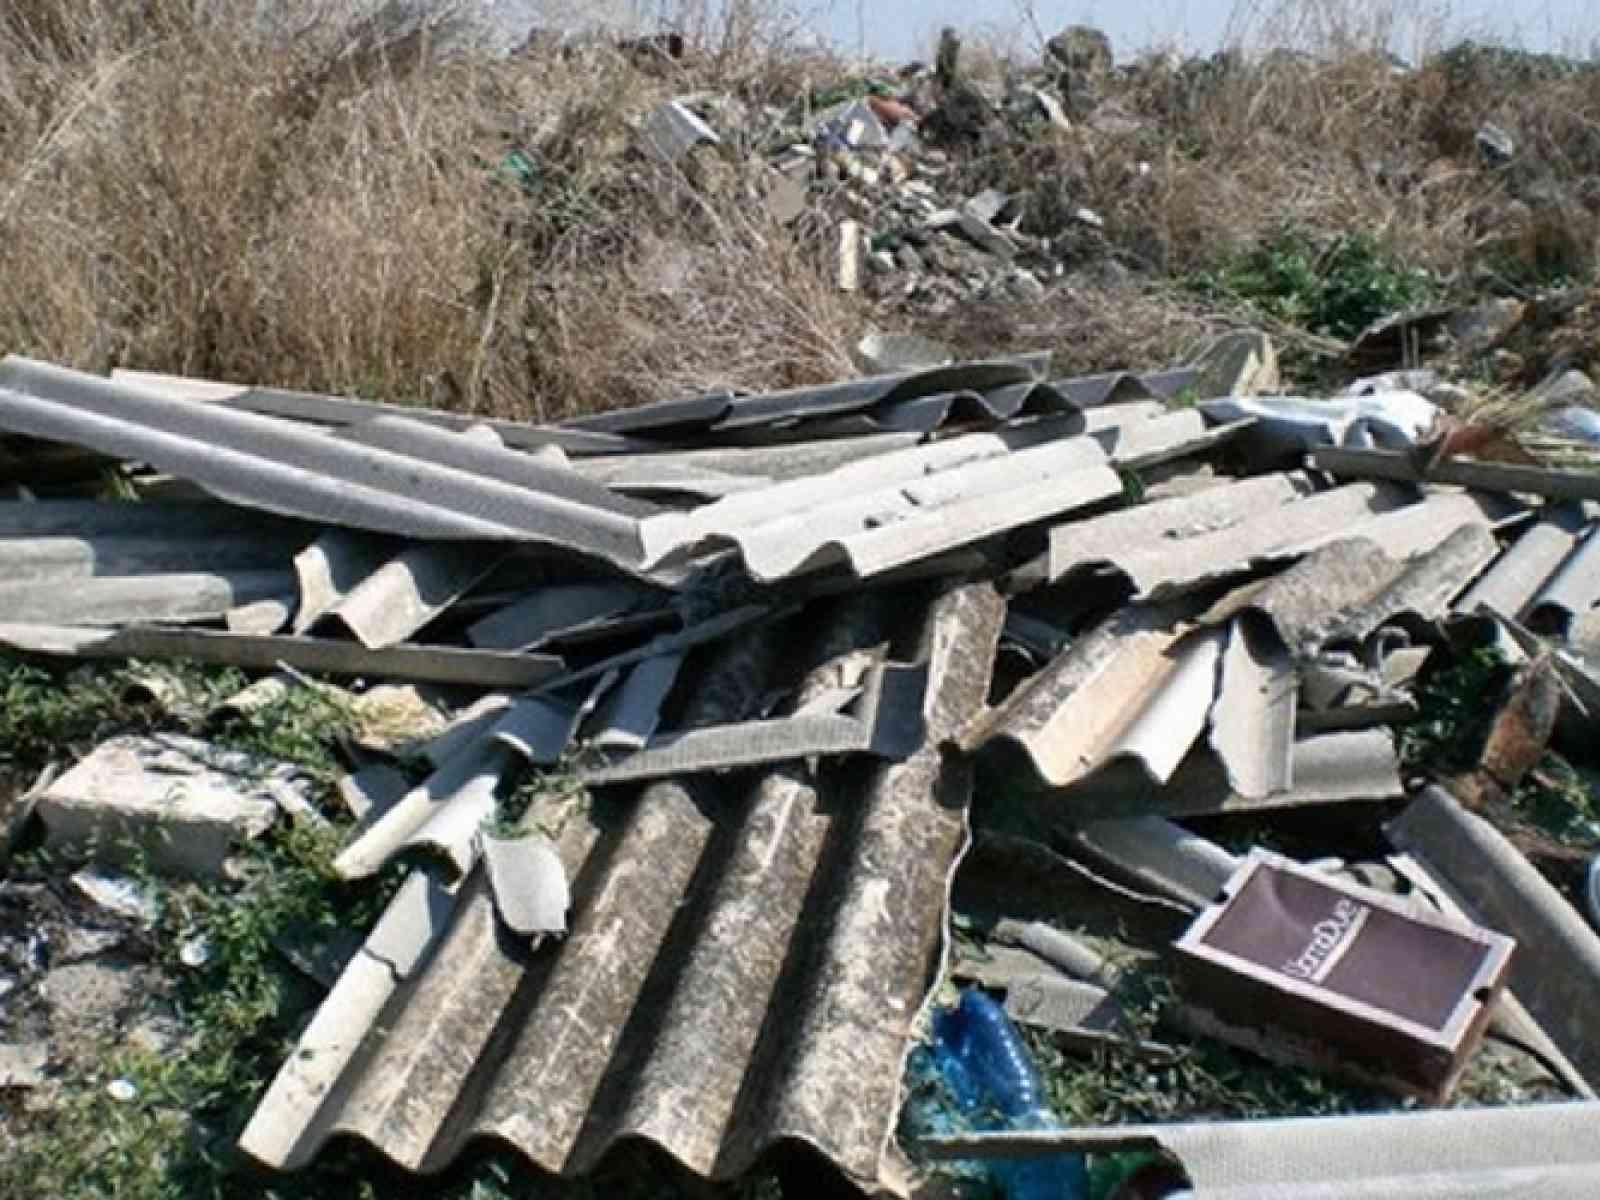 Immagine articolo: Possibile presentare progetti di bonifica aree inquinate in Sicilia fino a novembre 2018. Ecco come fare